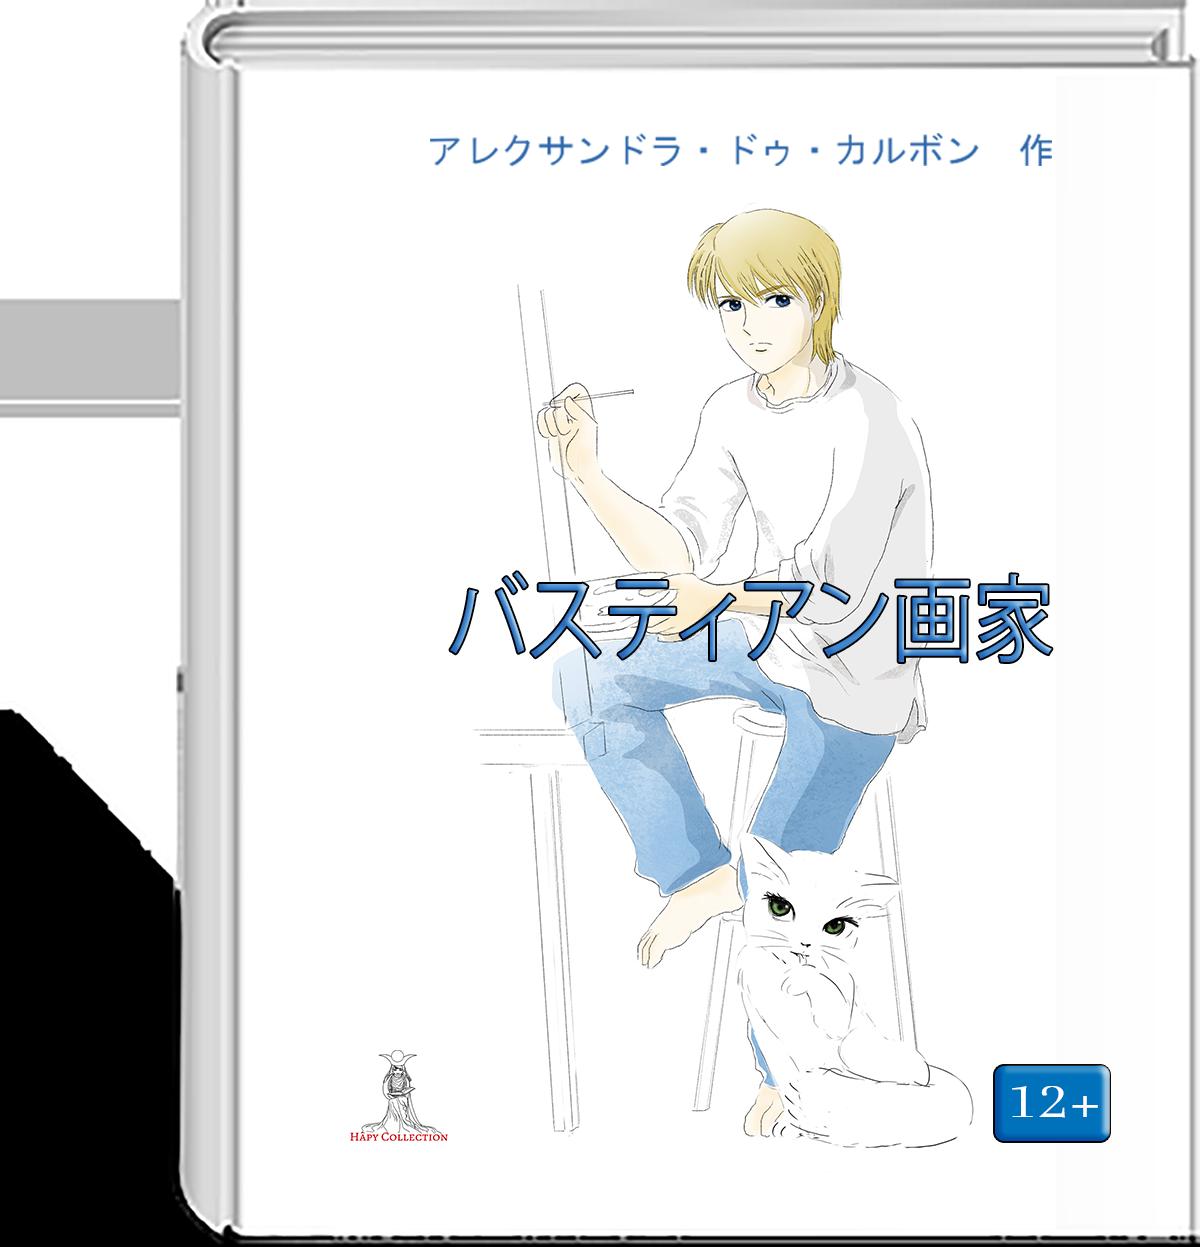 sacha-book-3k-6